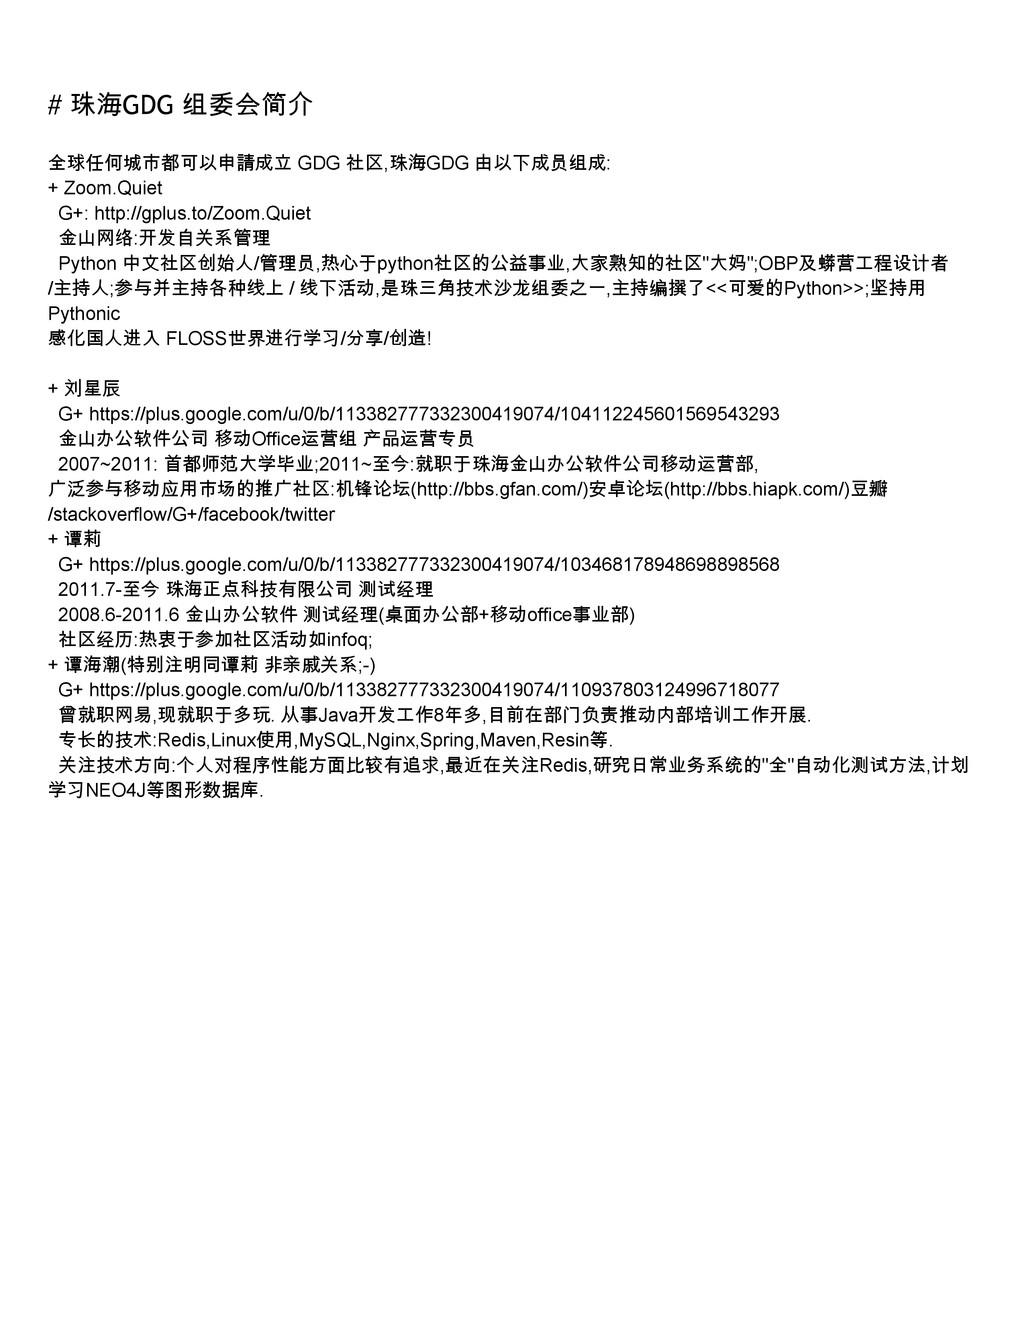 # 珠海GDG 组委会简介 全球任何城市都可以申請成立 GDG 社区,珠海GDG 由以下成员组...